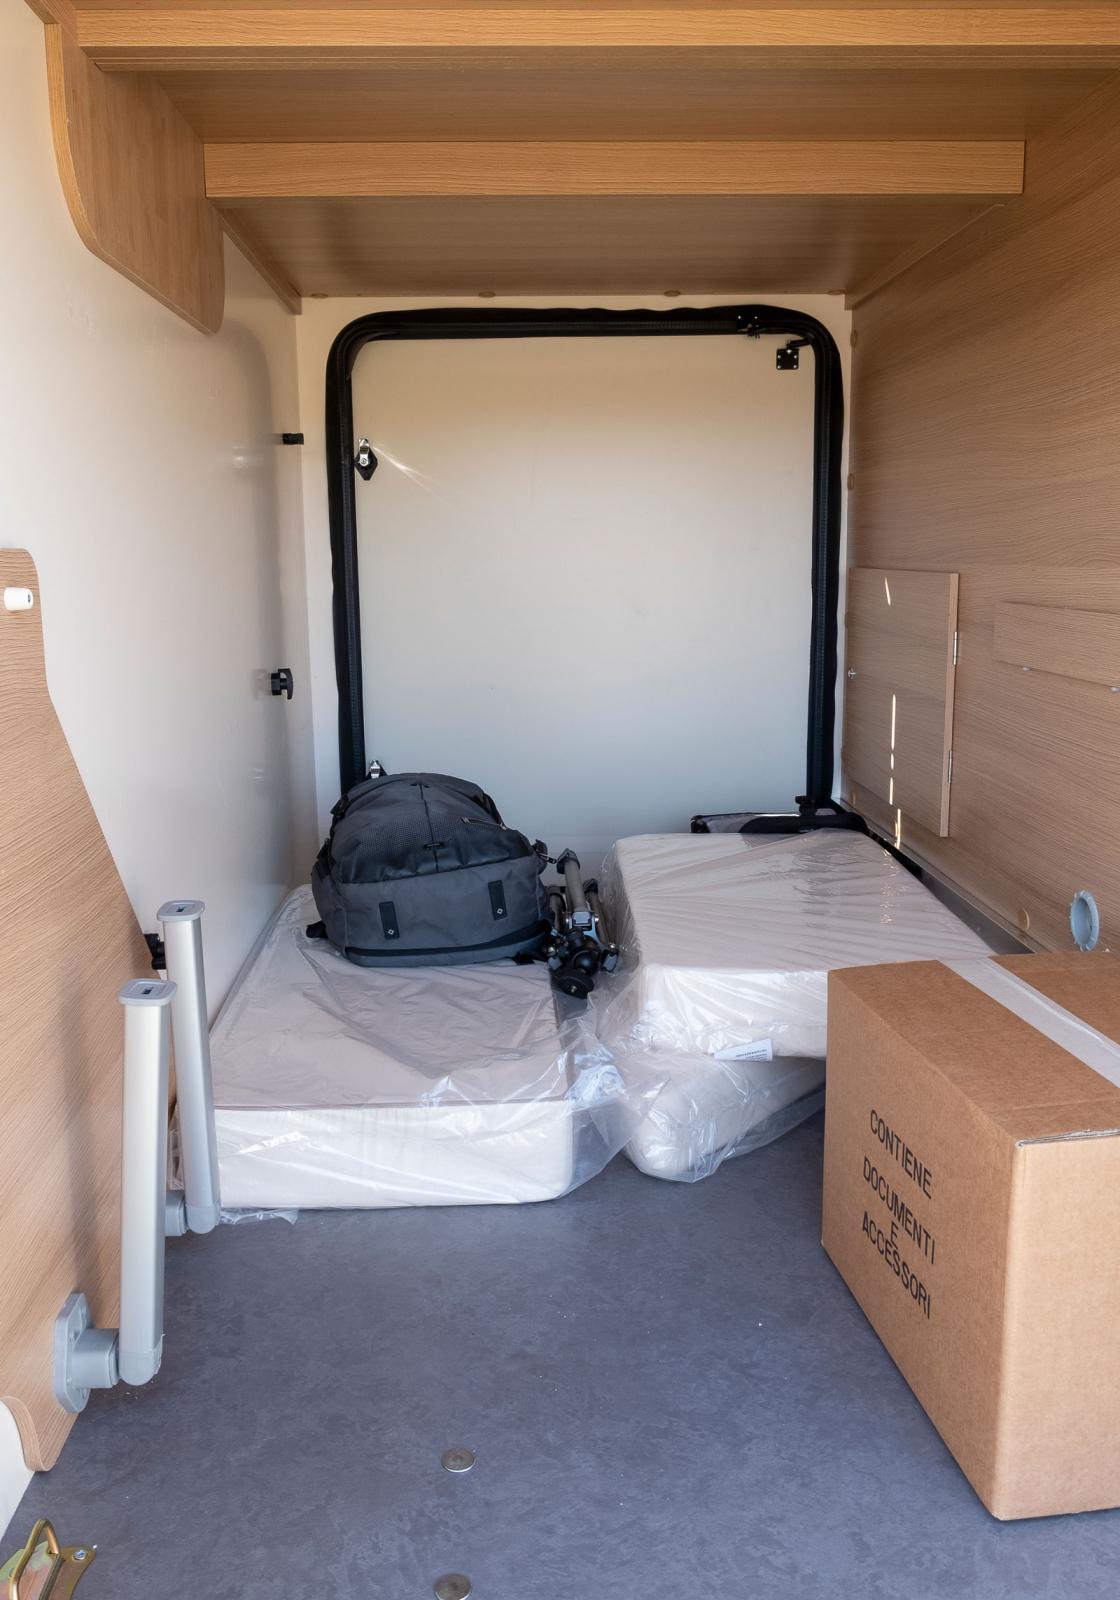 Garaget är rymligt och det finns stora dörrar på båda sidor av bilen.